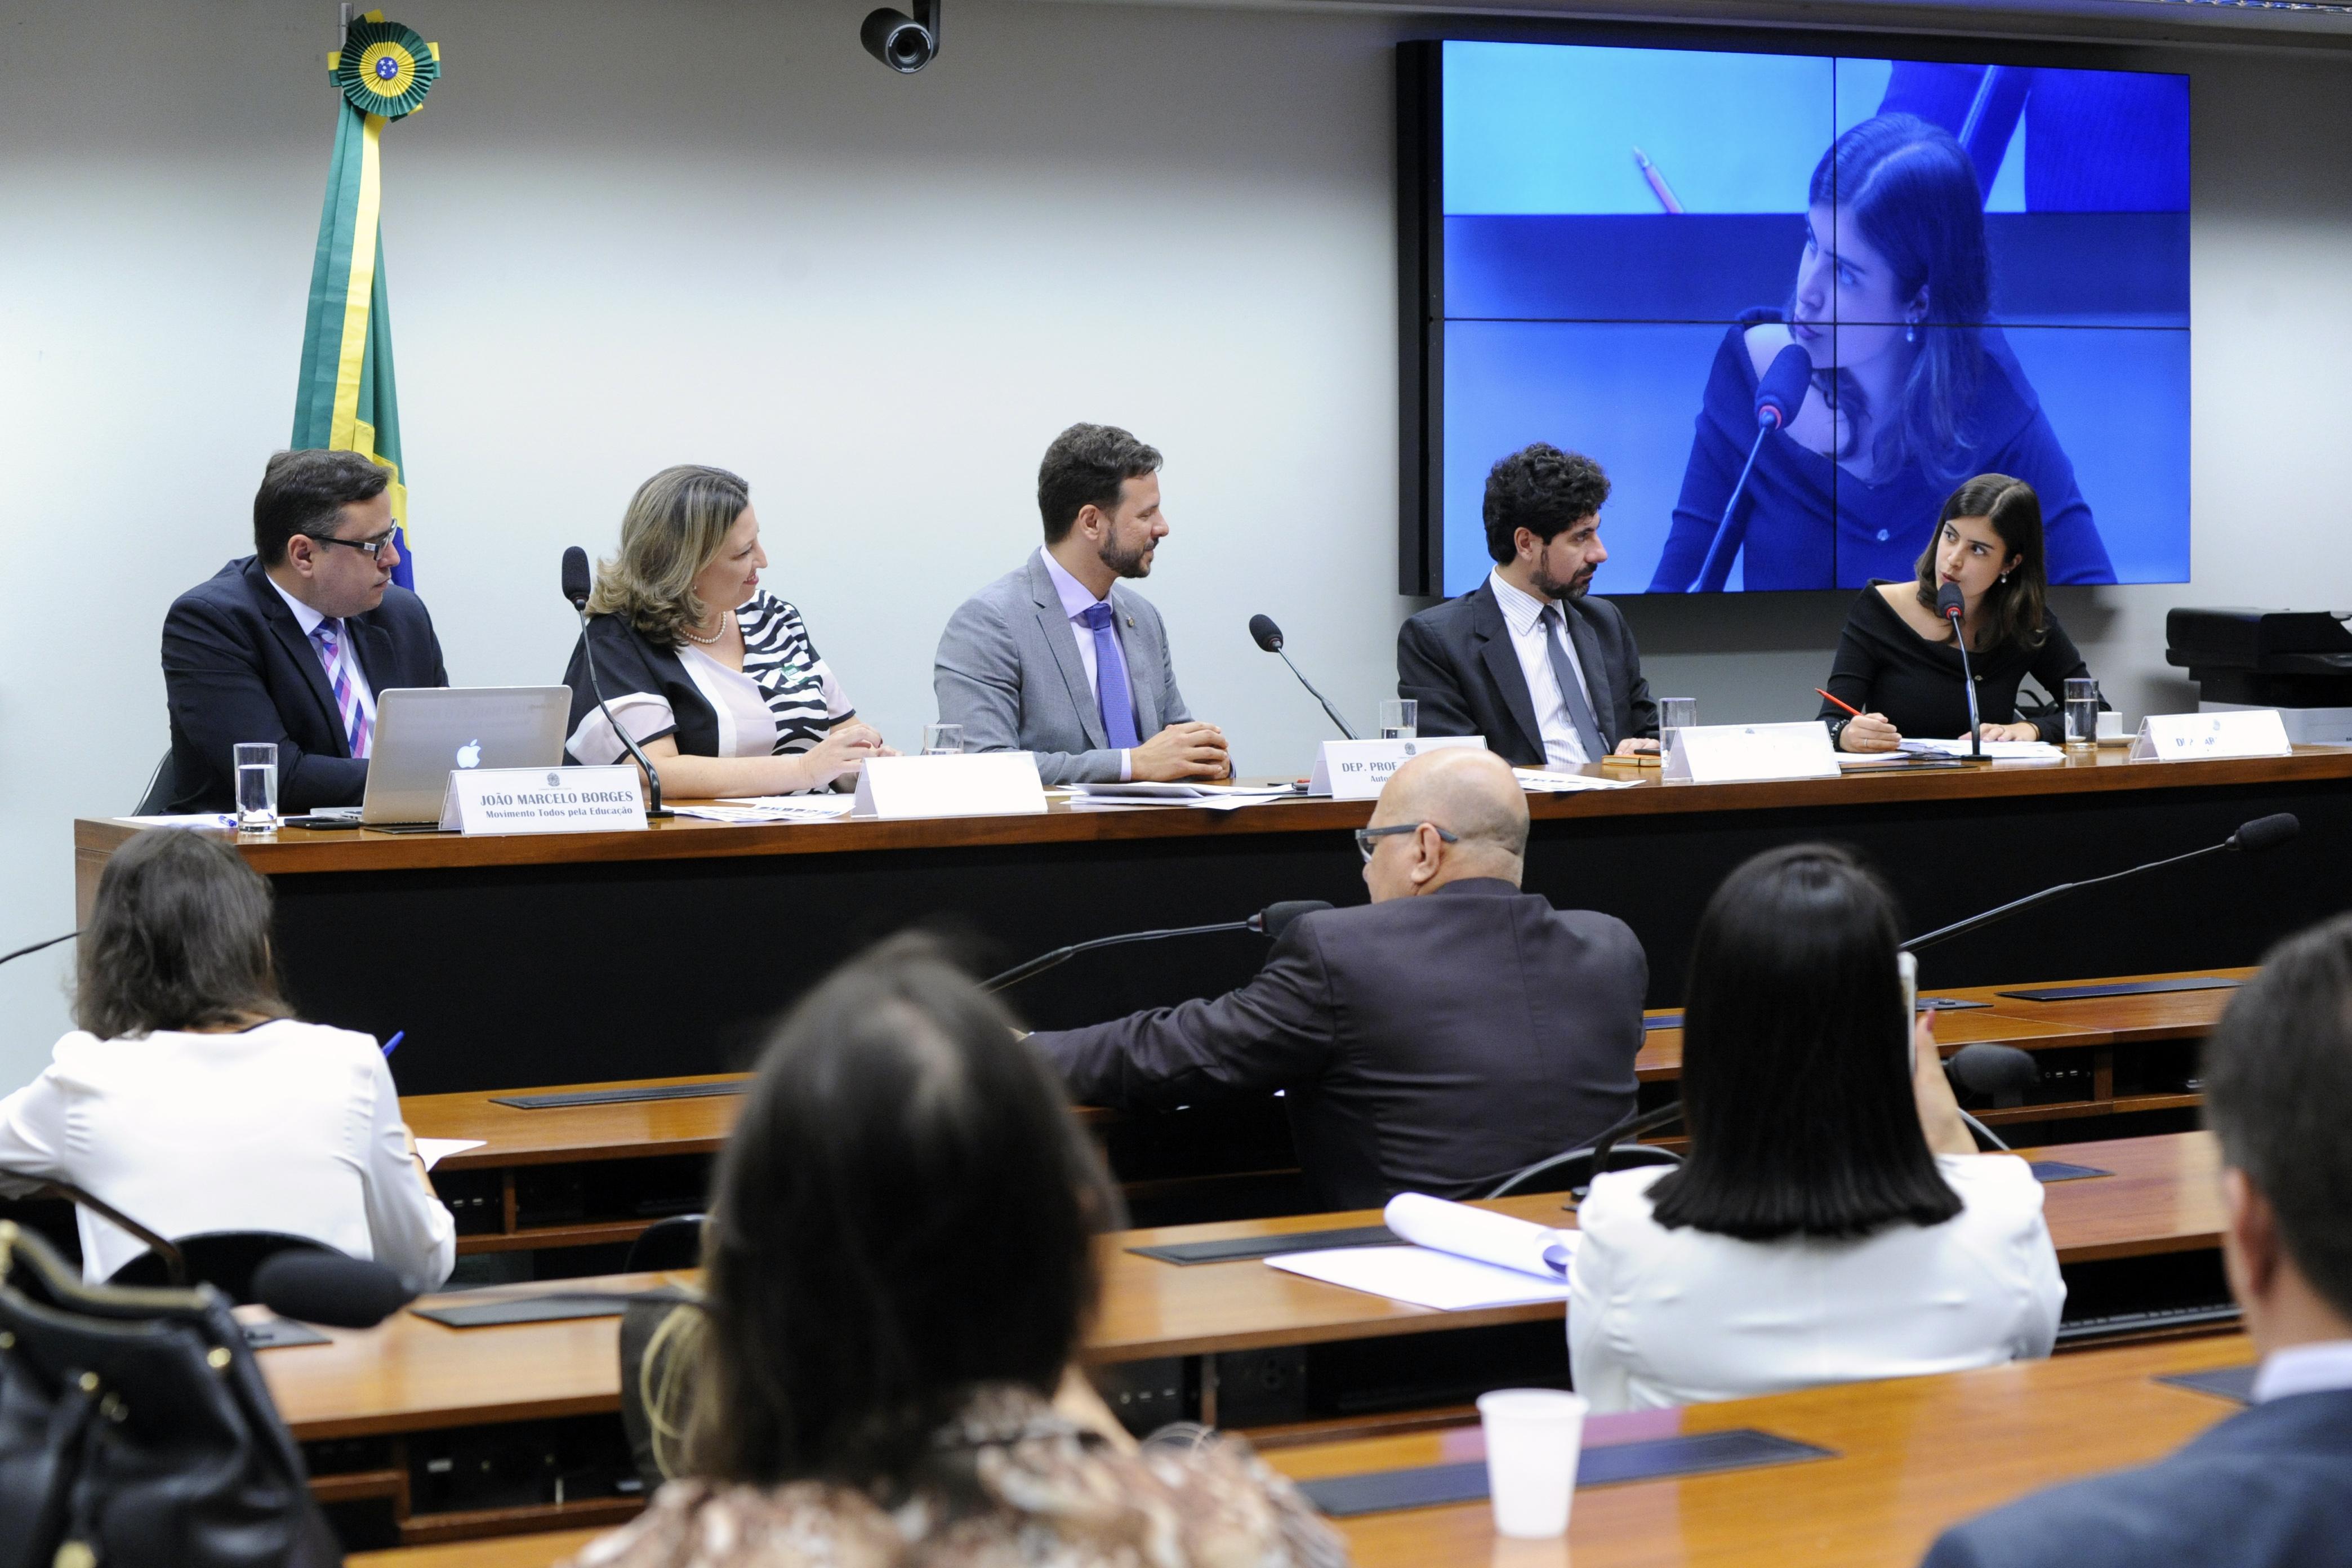 Audiência pública (interativa) sobre a violência nas escolas e medidas preventivas